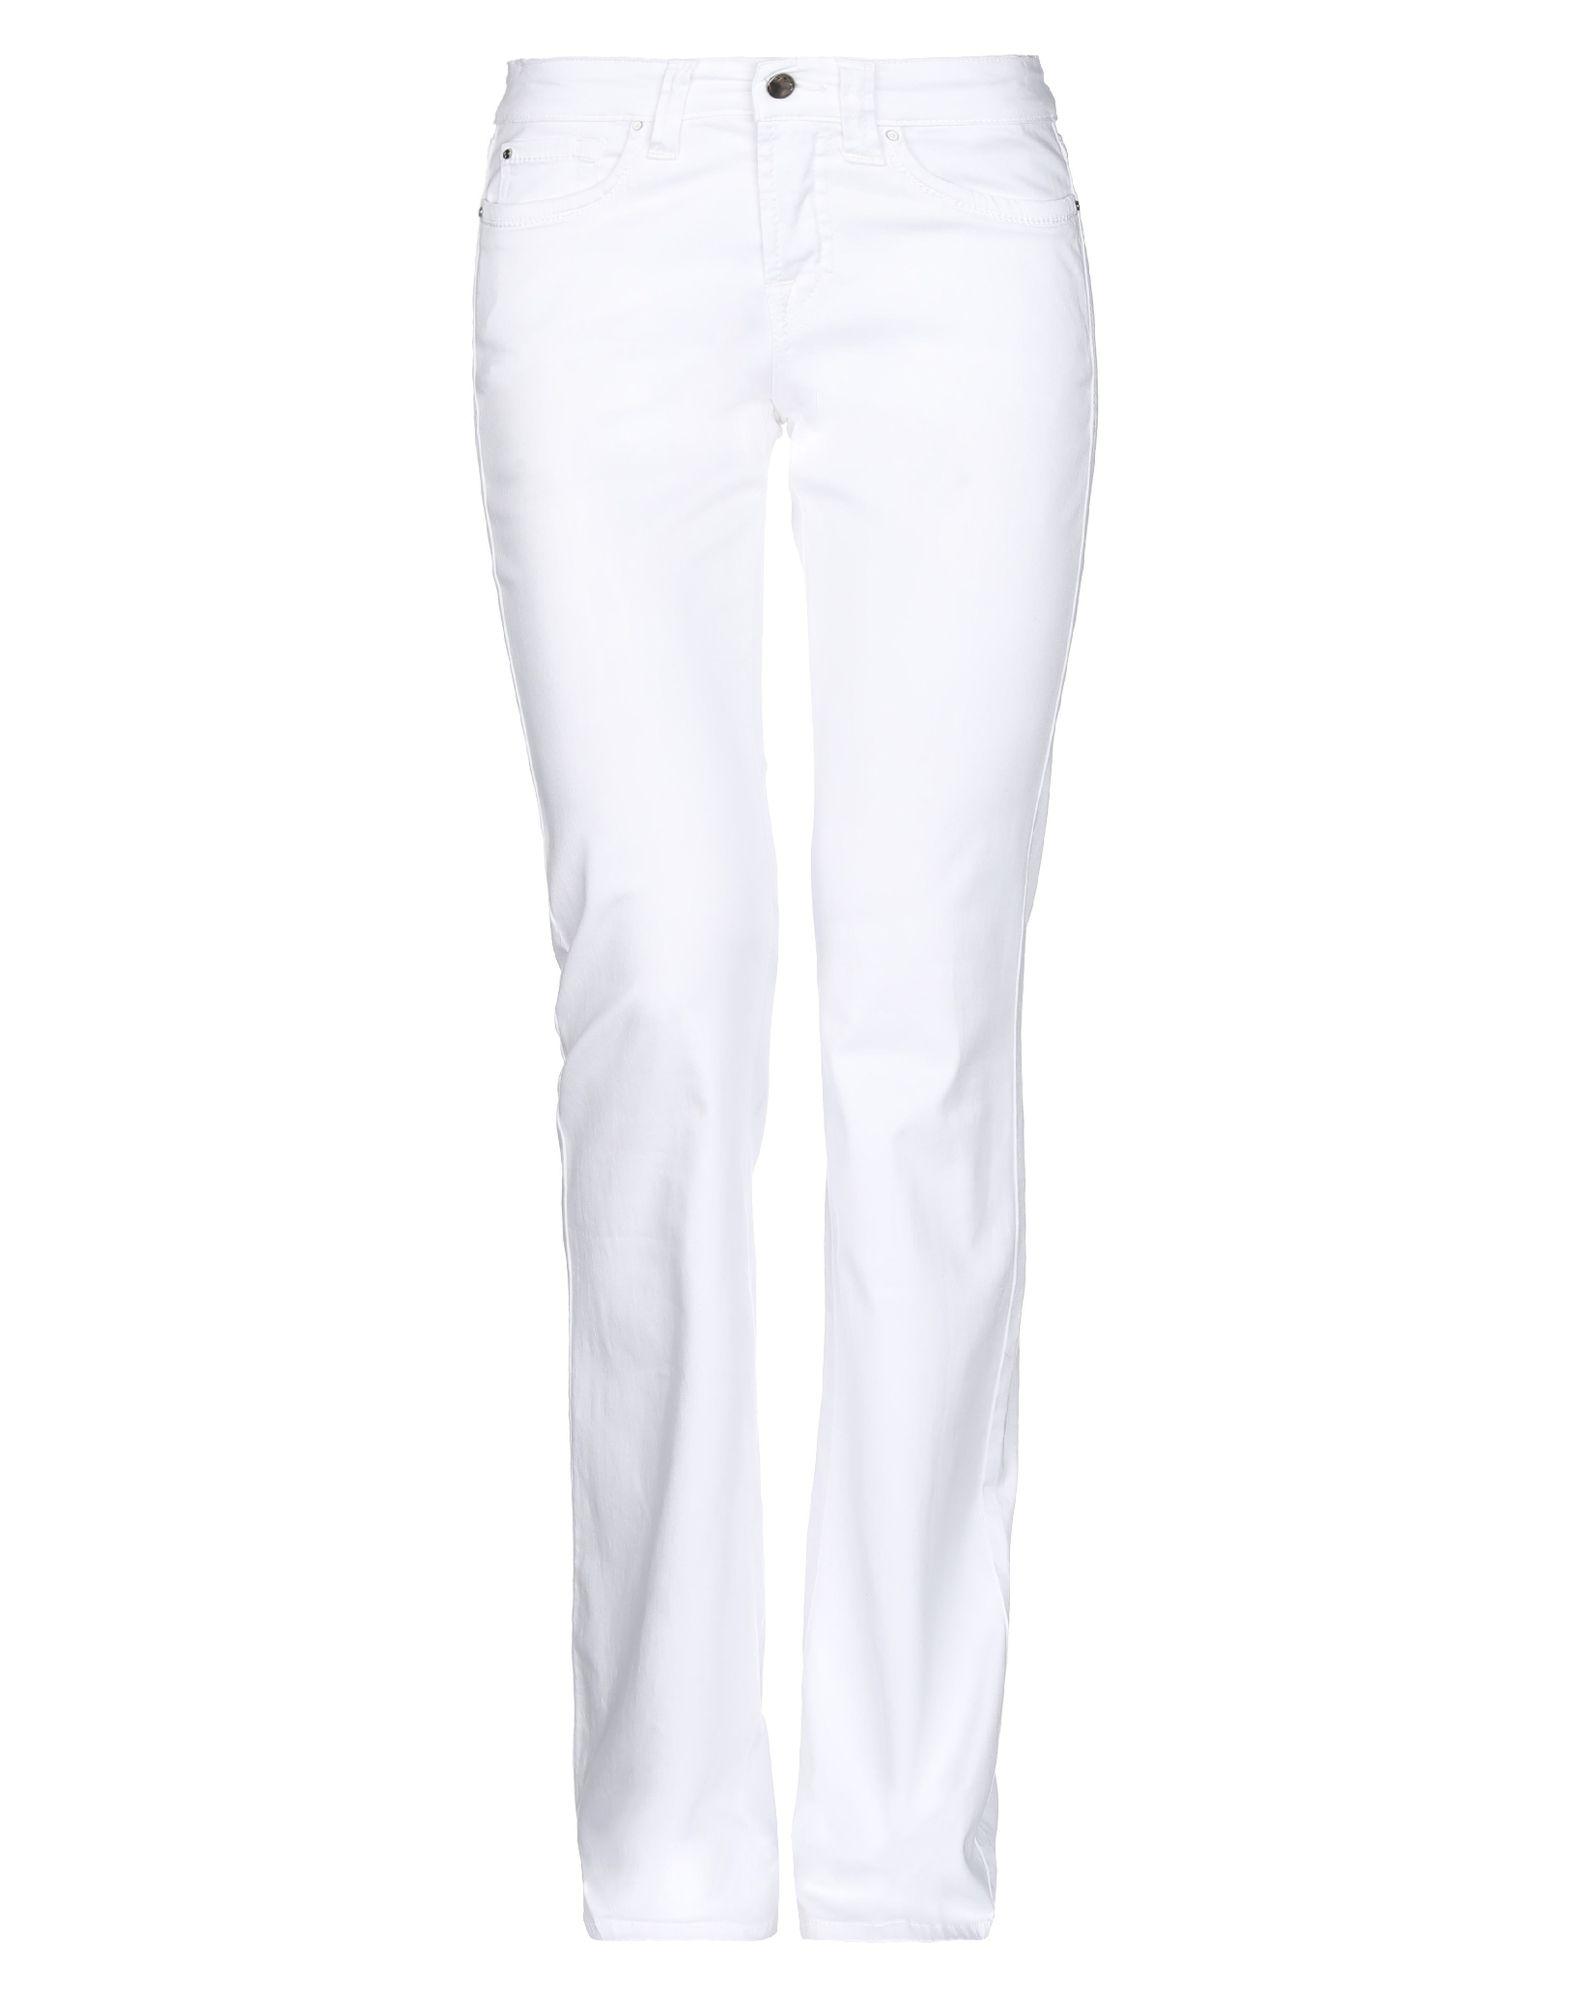 《期間限定セール開催中!》S.O.S. by ORZA STUDIO レディース パンツ ホワイト 27 コットン 97% / ポリウレタン? 3%